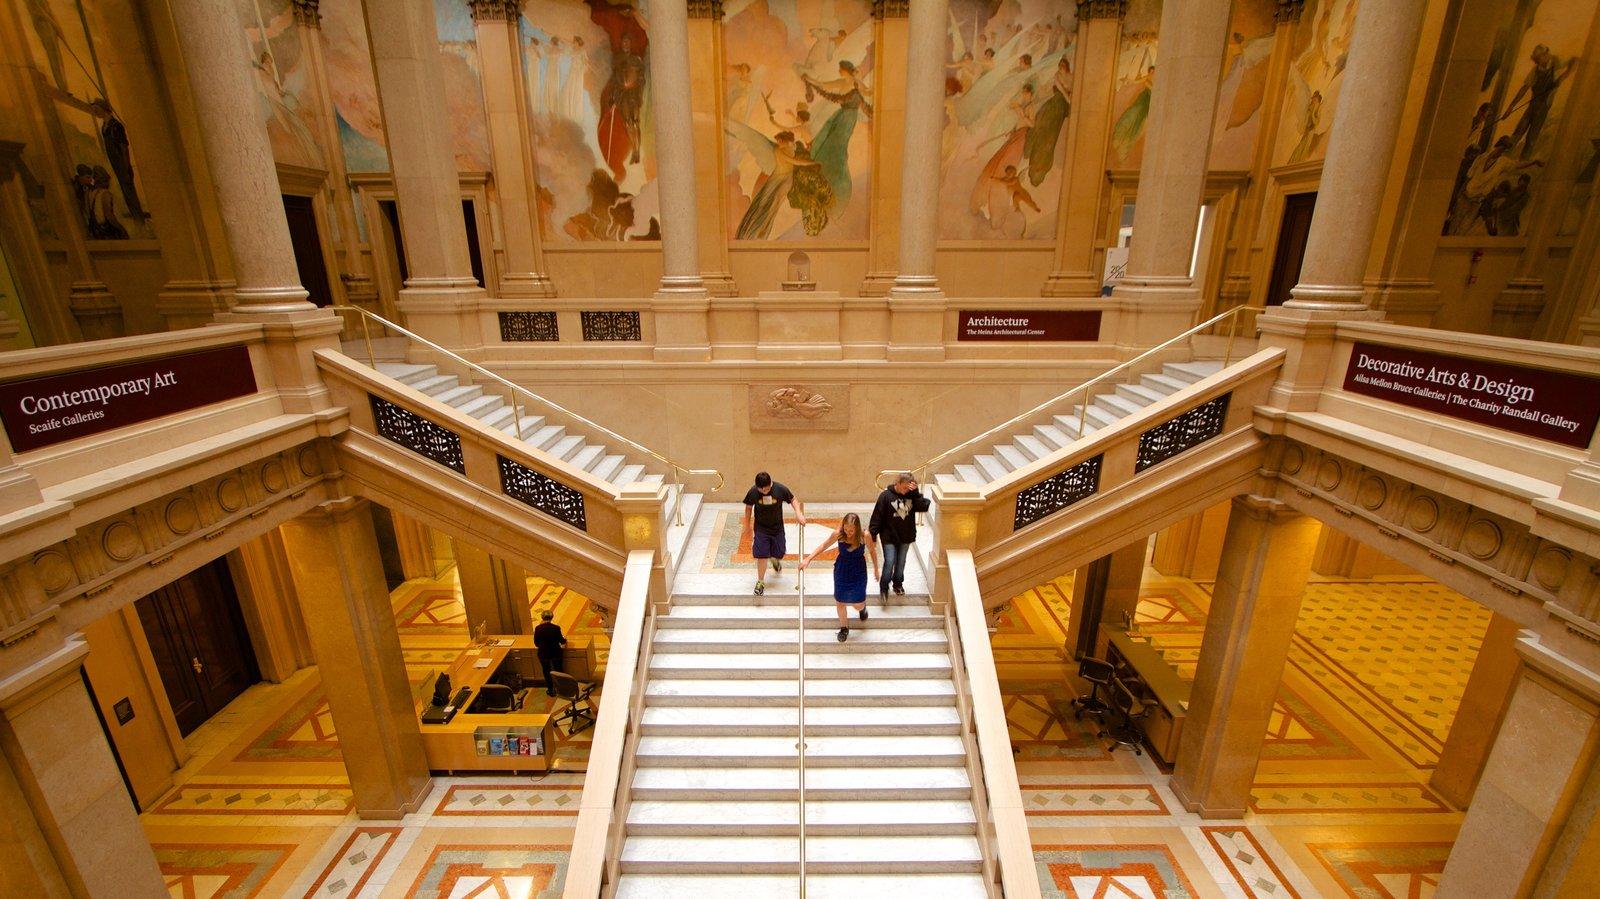 Carnegie Museum of Art ofreciendo vistas interiores, arte y elementos del patrimonio